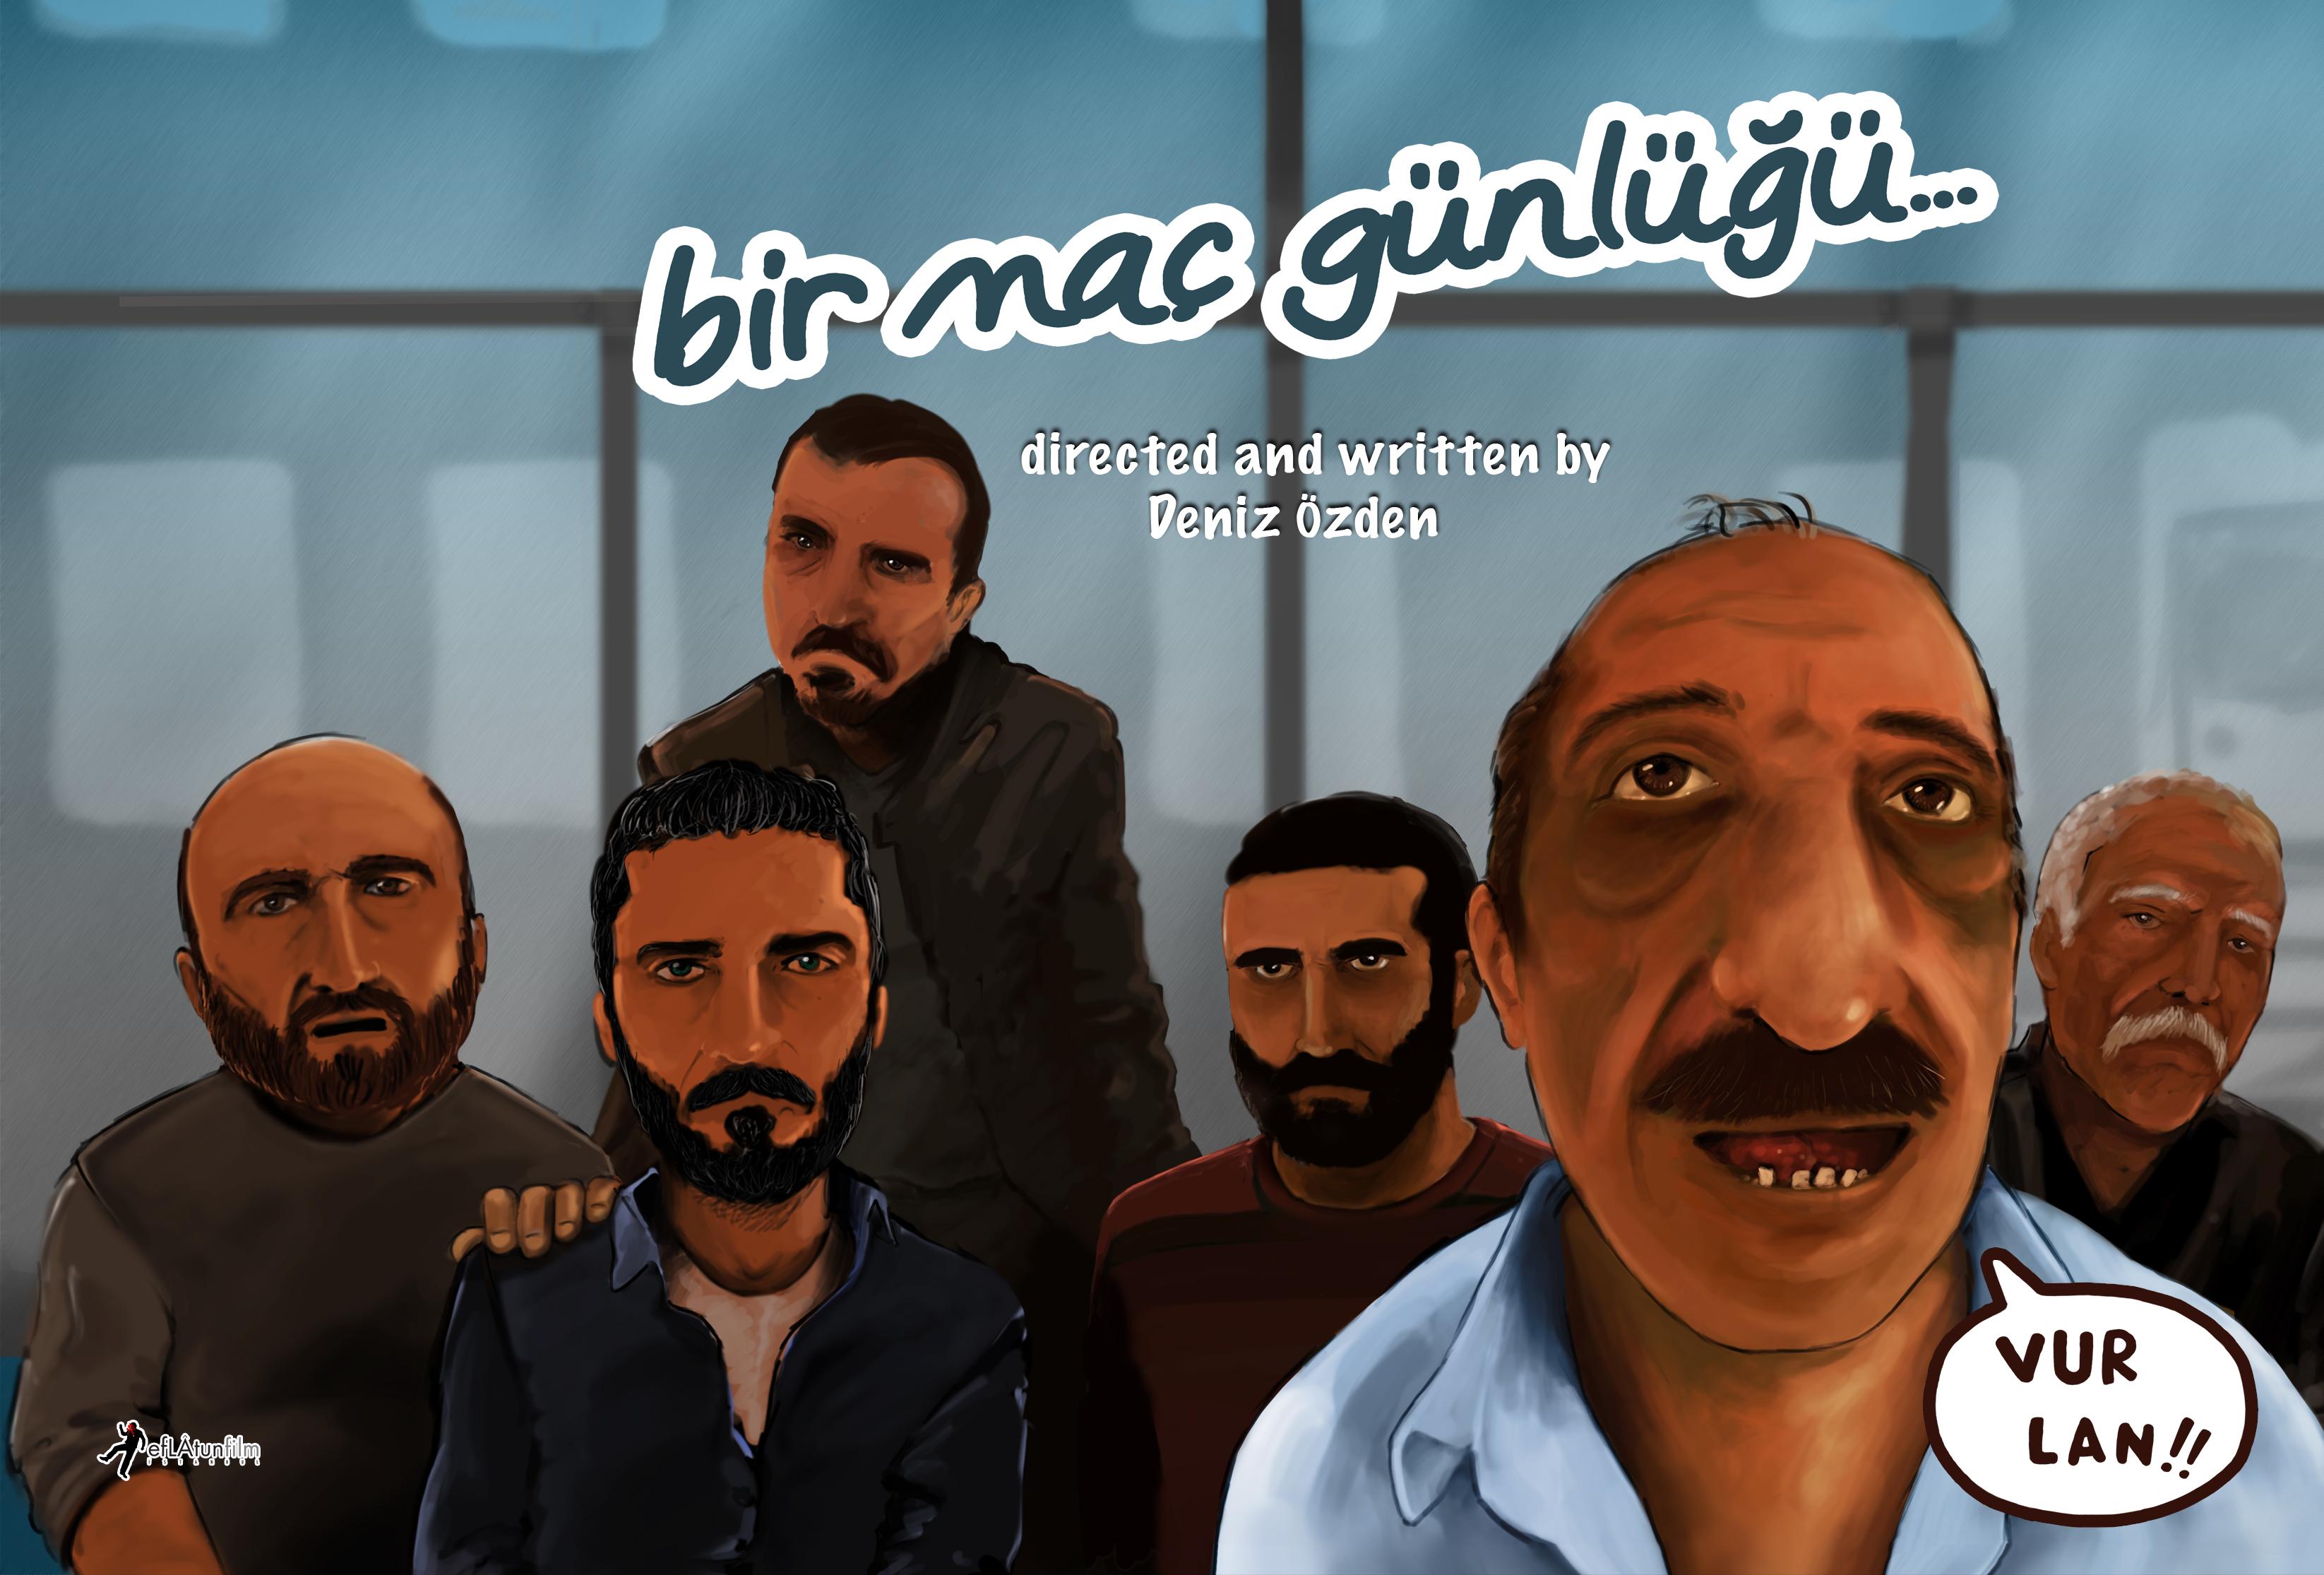 Gezi Parkı'nda Değişim Ömür Boyu: Bir Maç Günlüğü (2013)